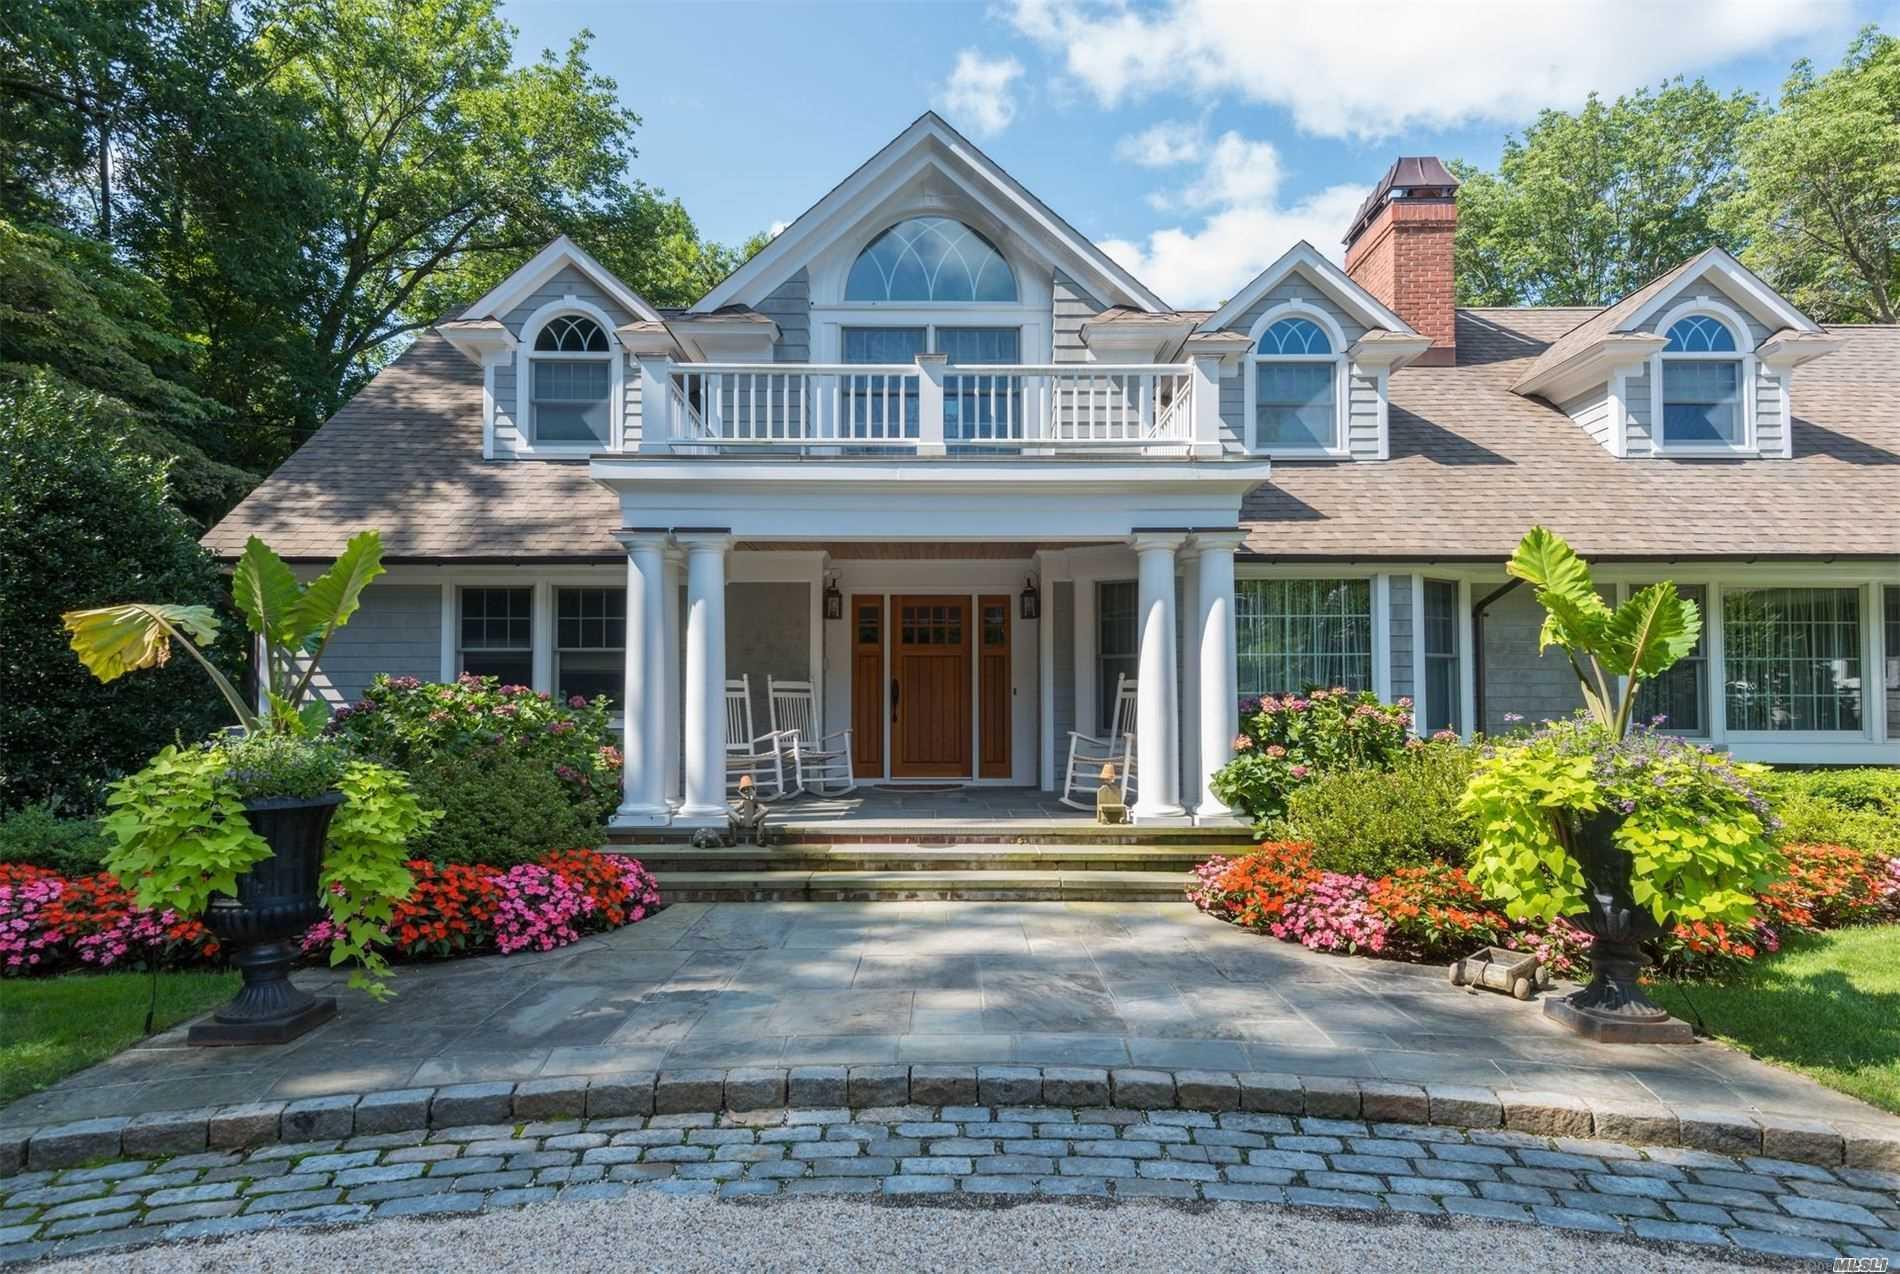 236 Southdown Road, Lloyd Harbor, NY 11743 - MLS#3240097 - Lucky to Live Here Realty - Lucky to Live Here Realty